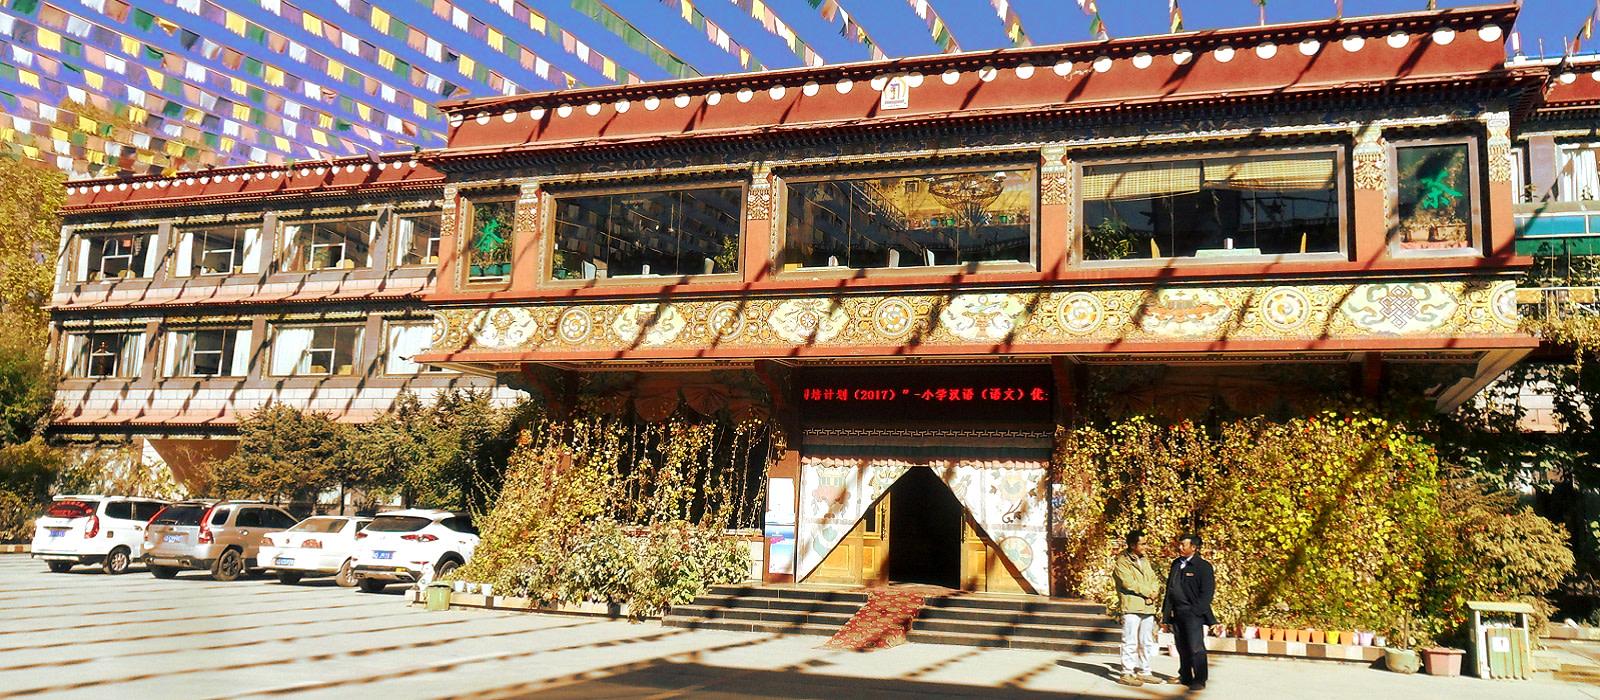 Hotel Manasarovar Tibet